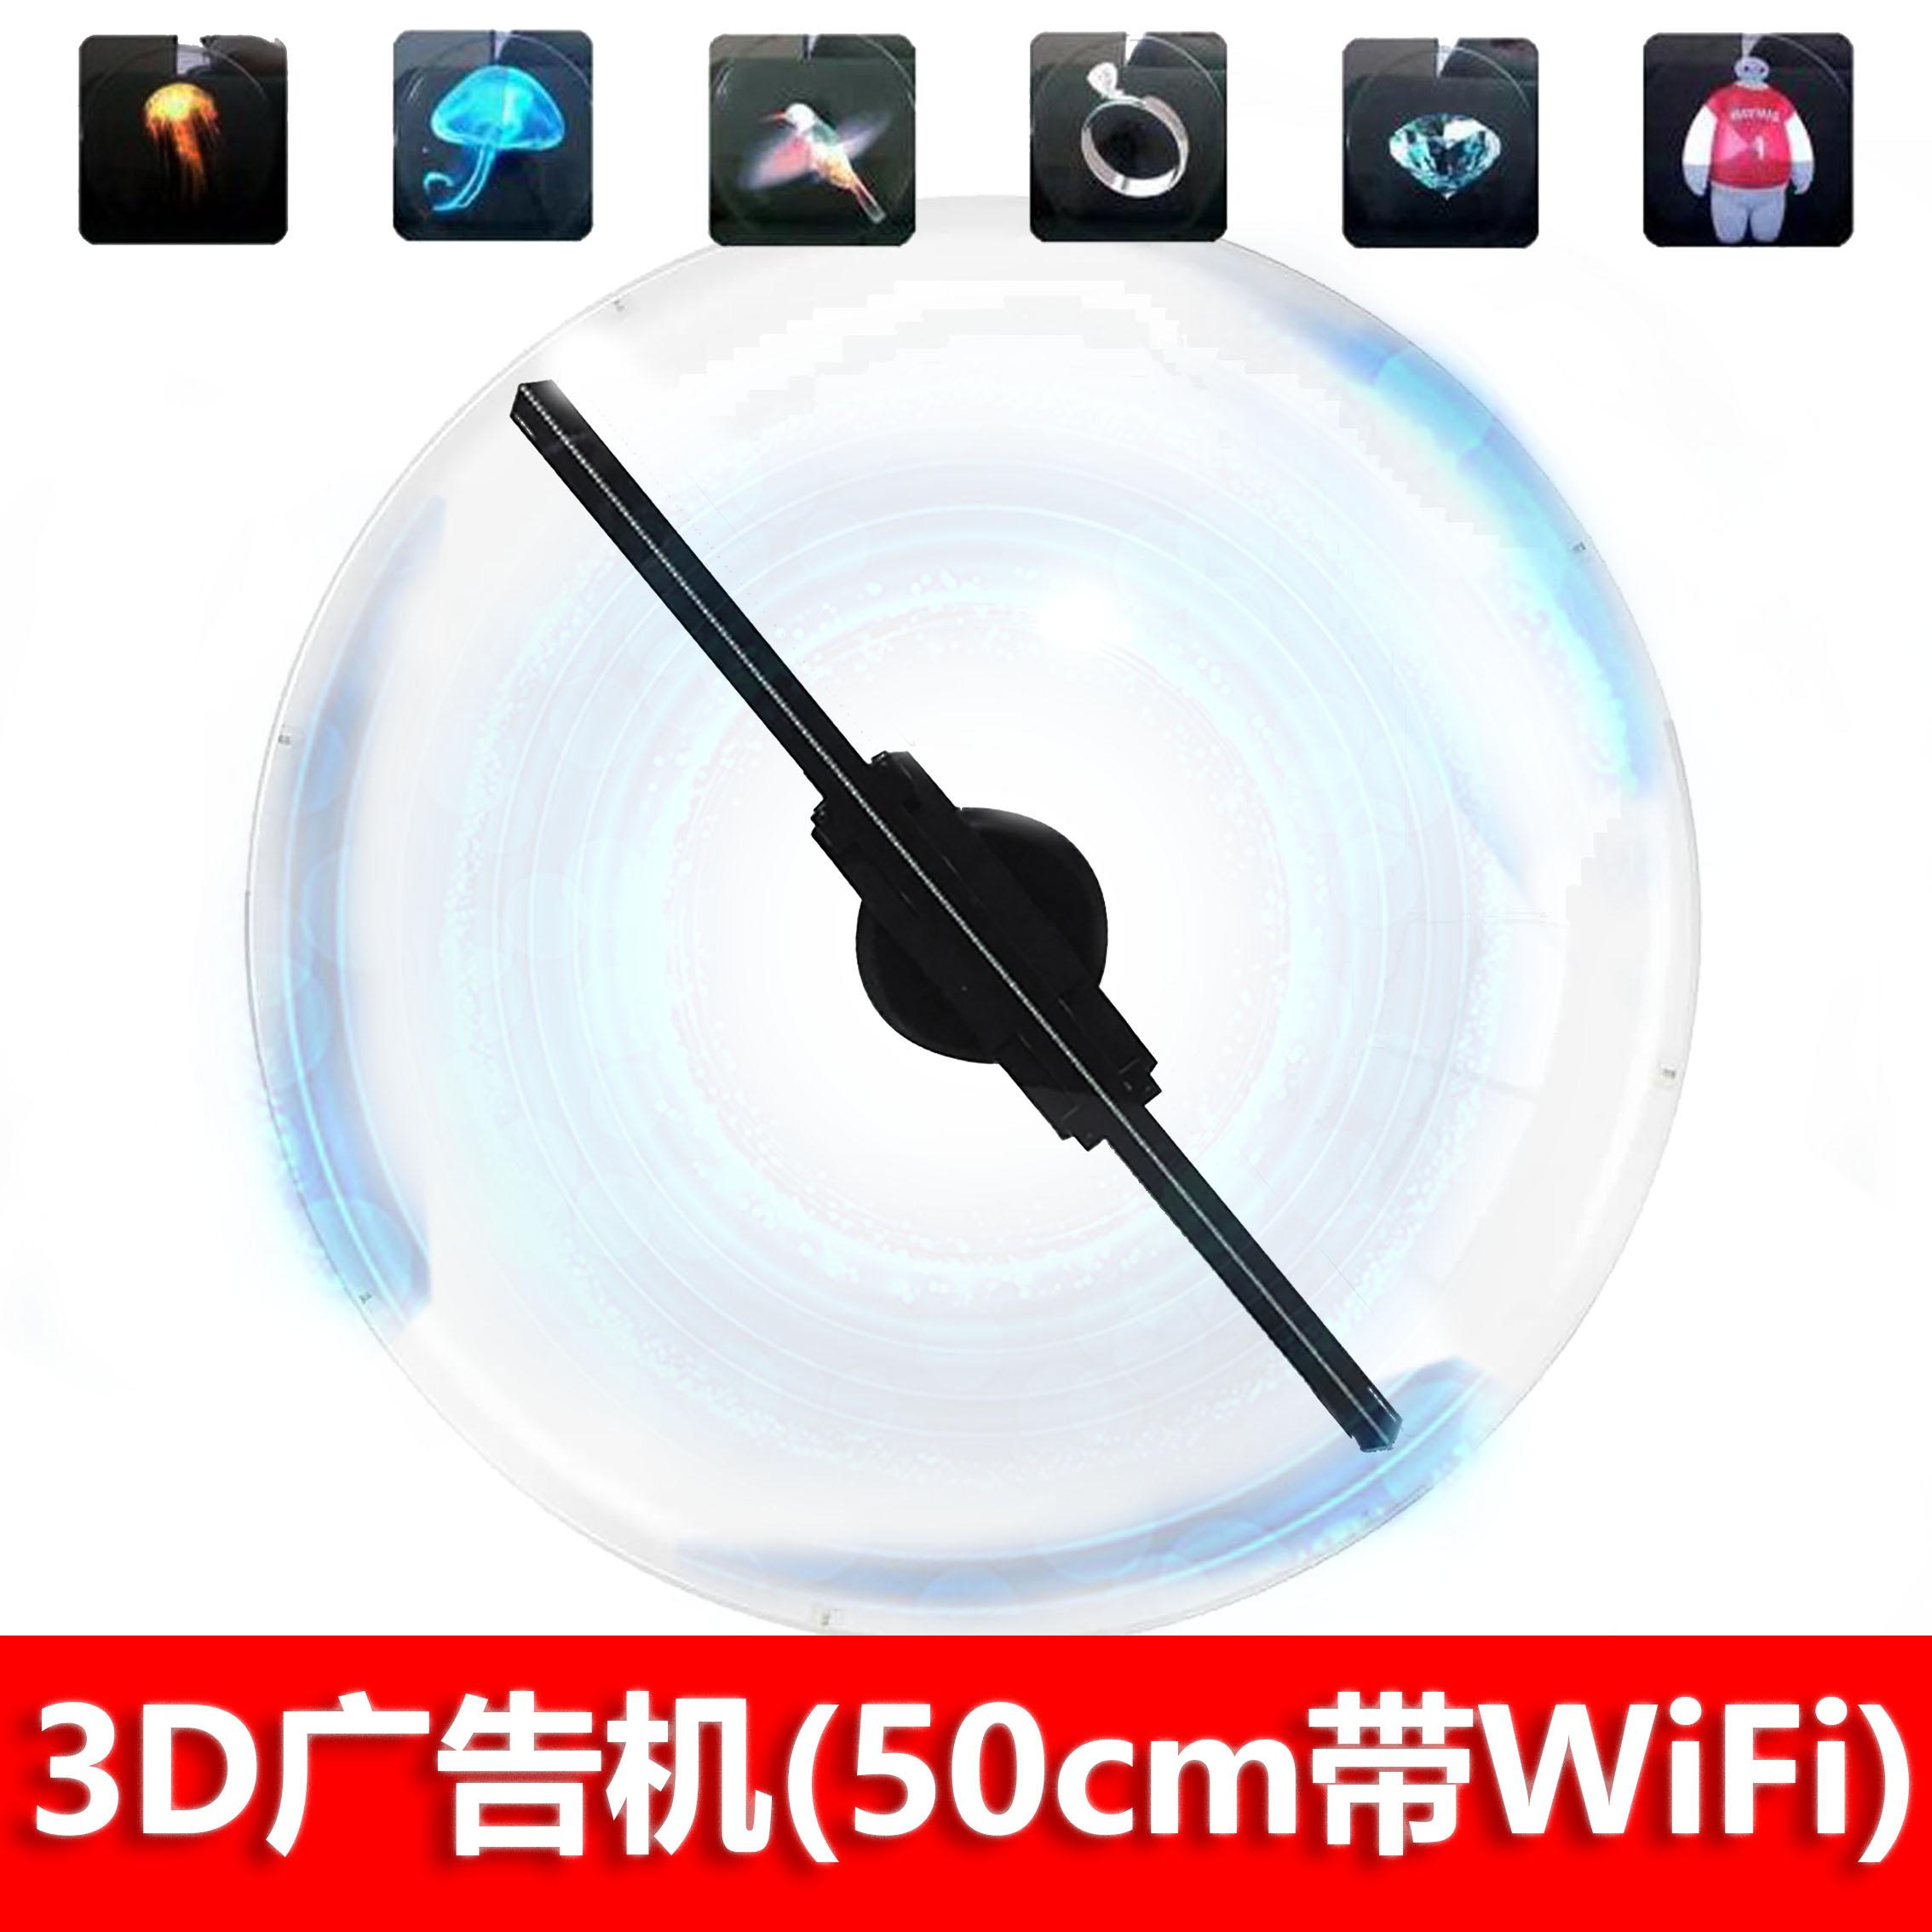 全息3d广告机风扇旋转展示50cm类似投影空气立体动画裸眼视觉成像